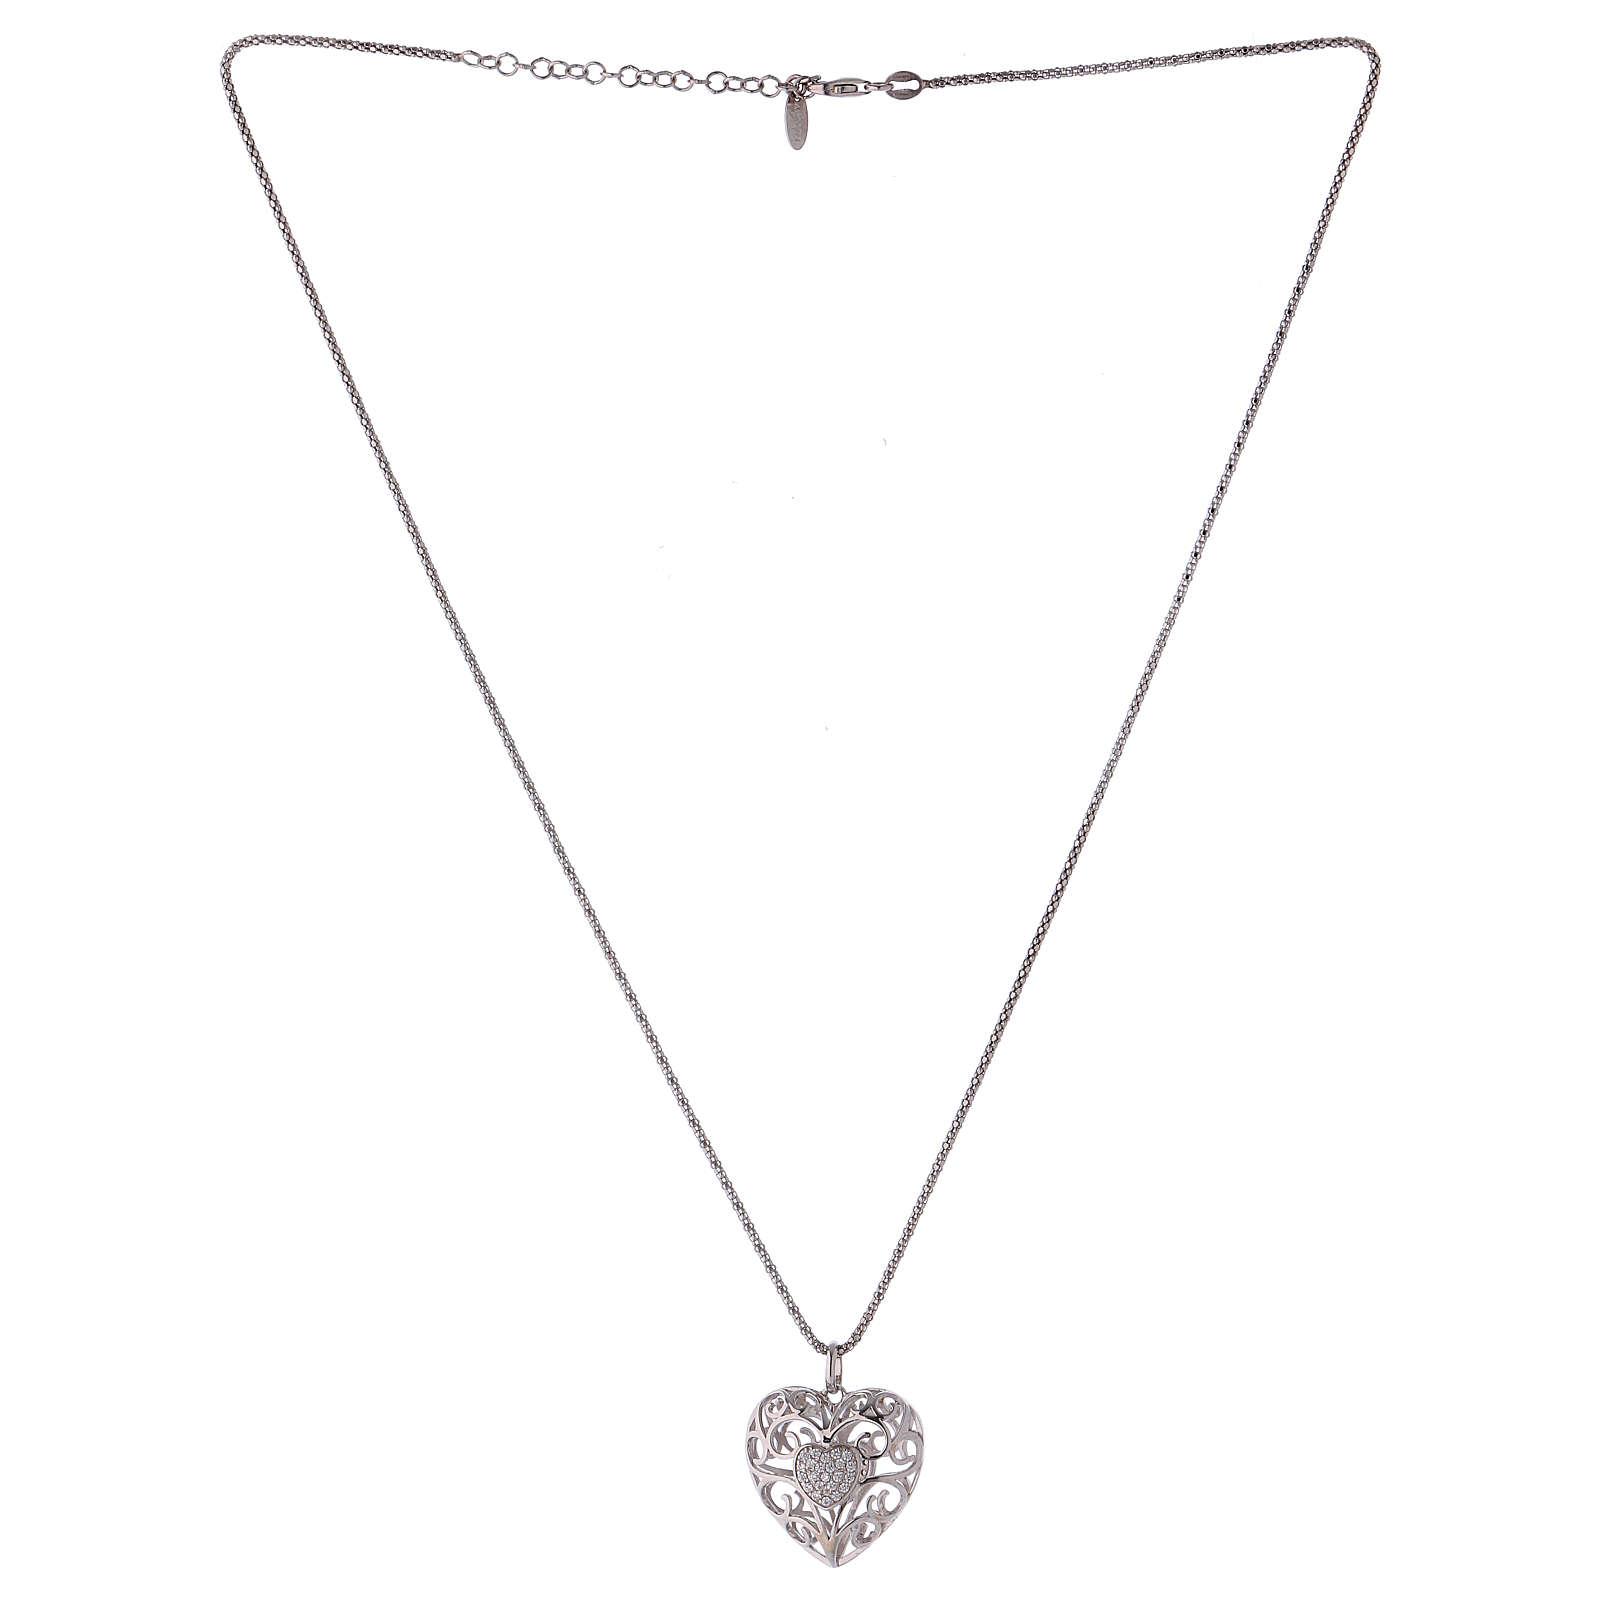 Collana ciondolo a cuore con cuore di zirconi argento 925 AMEN  4